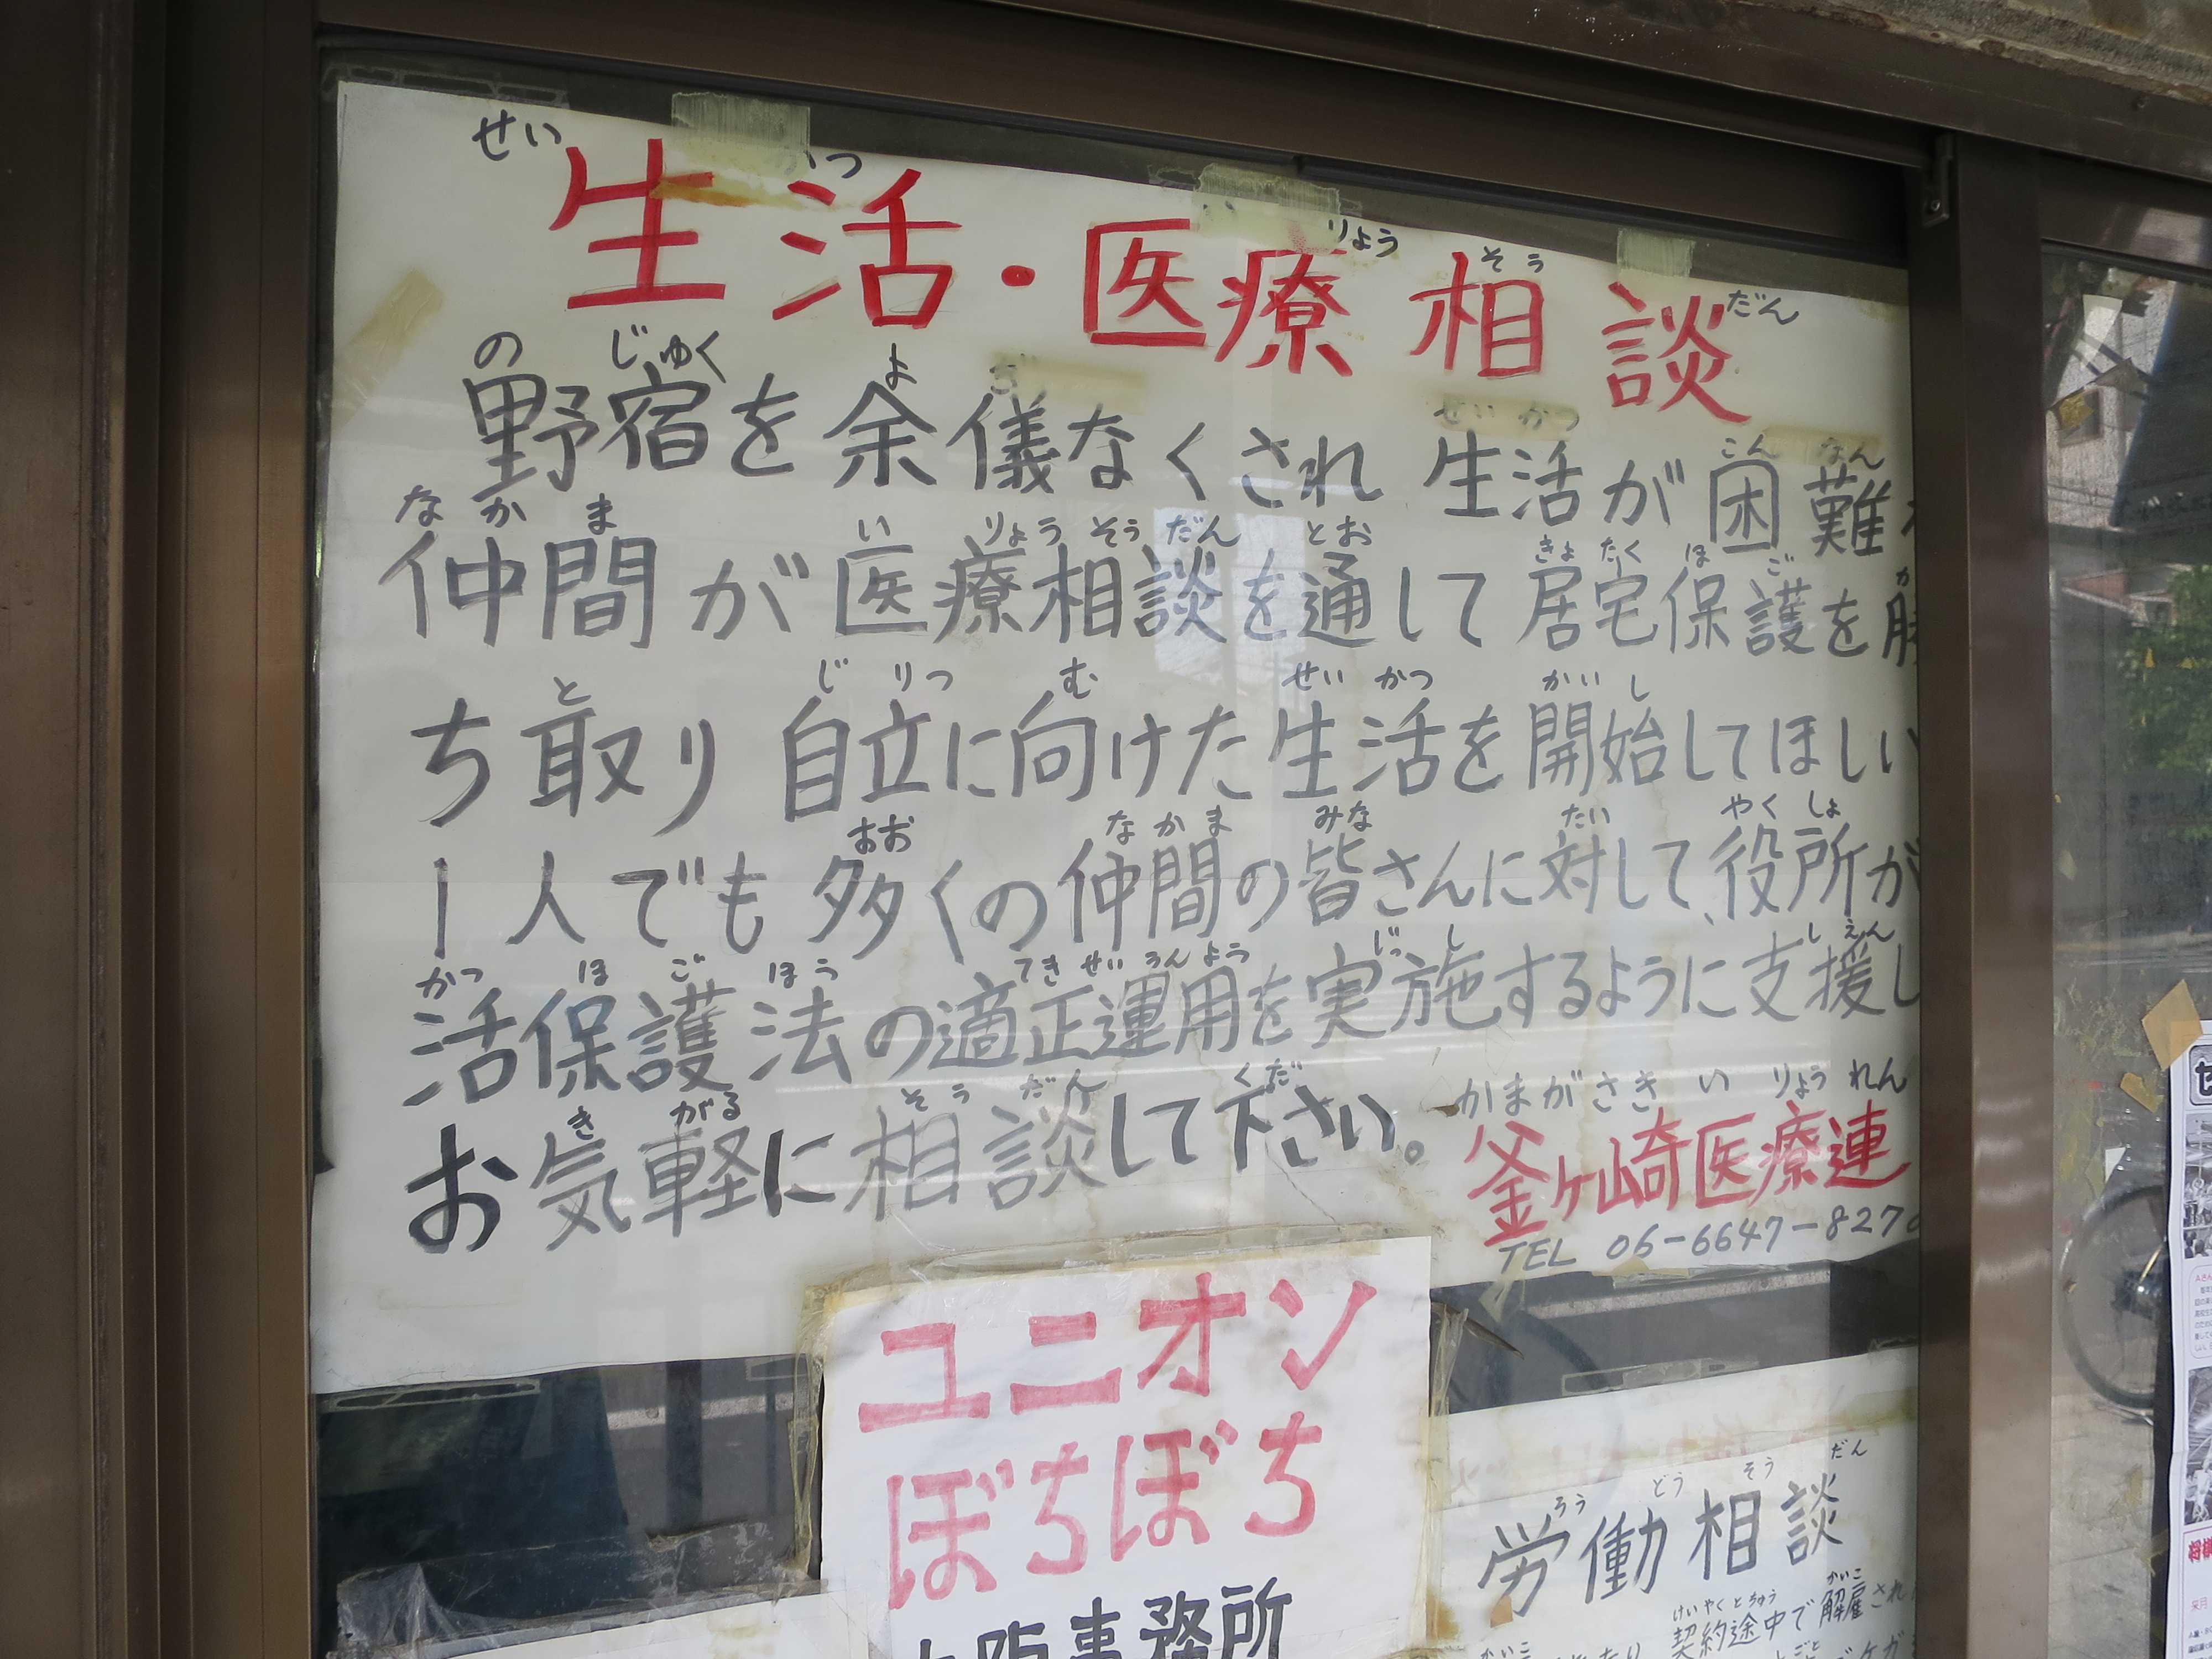 生活・医療相談 釜ヶ崎医療連